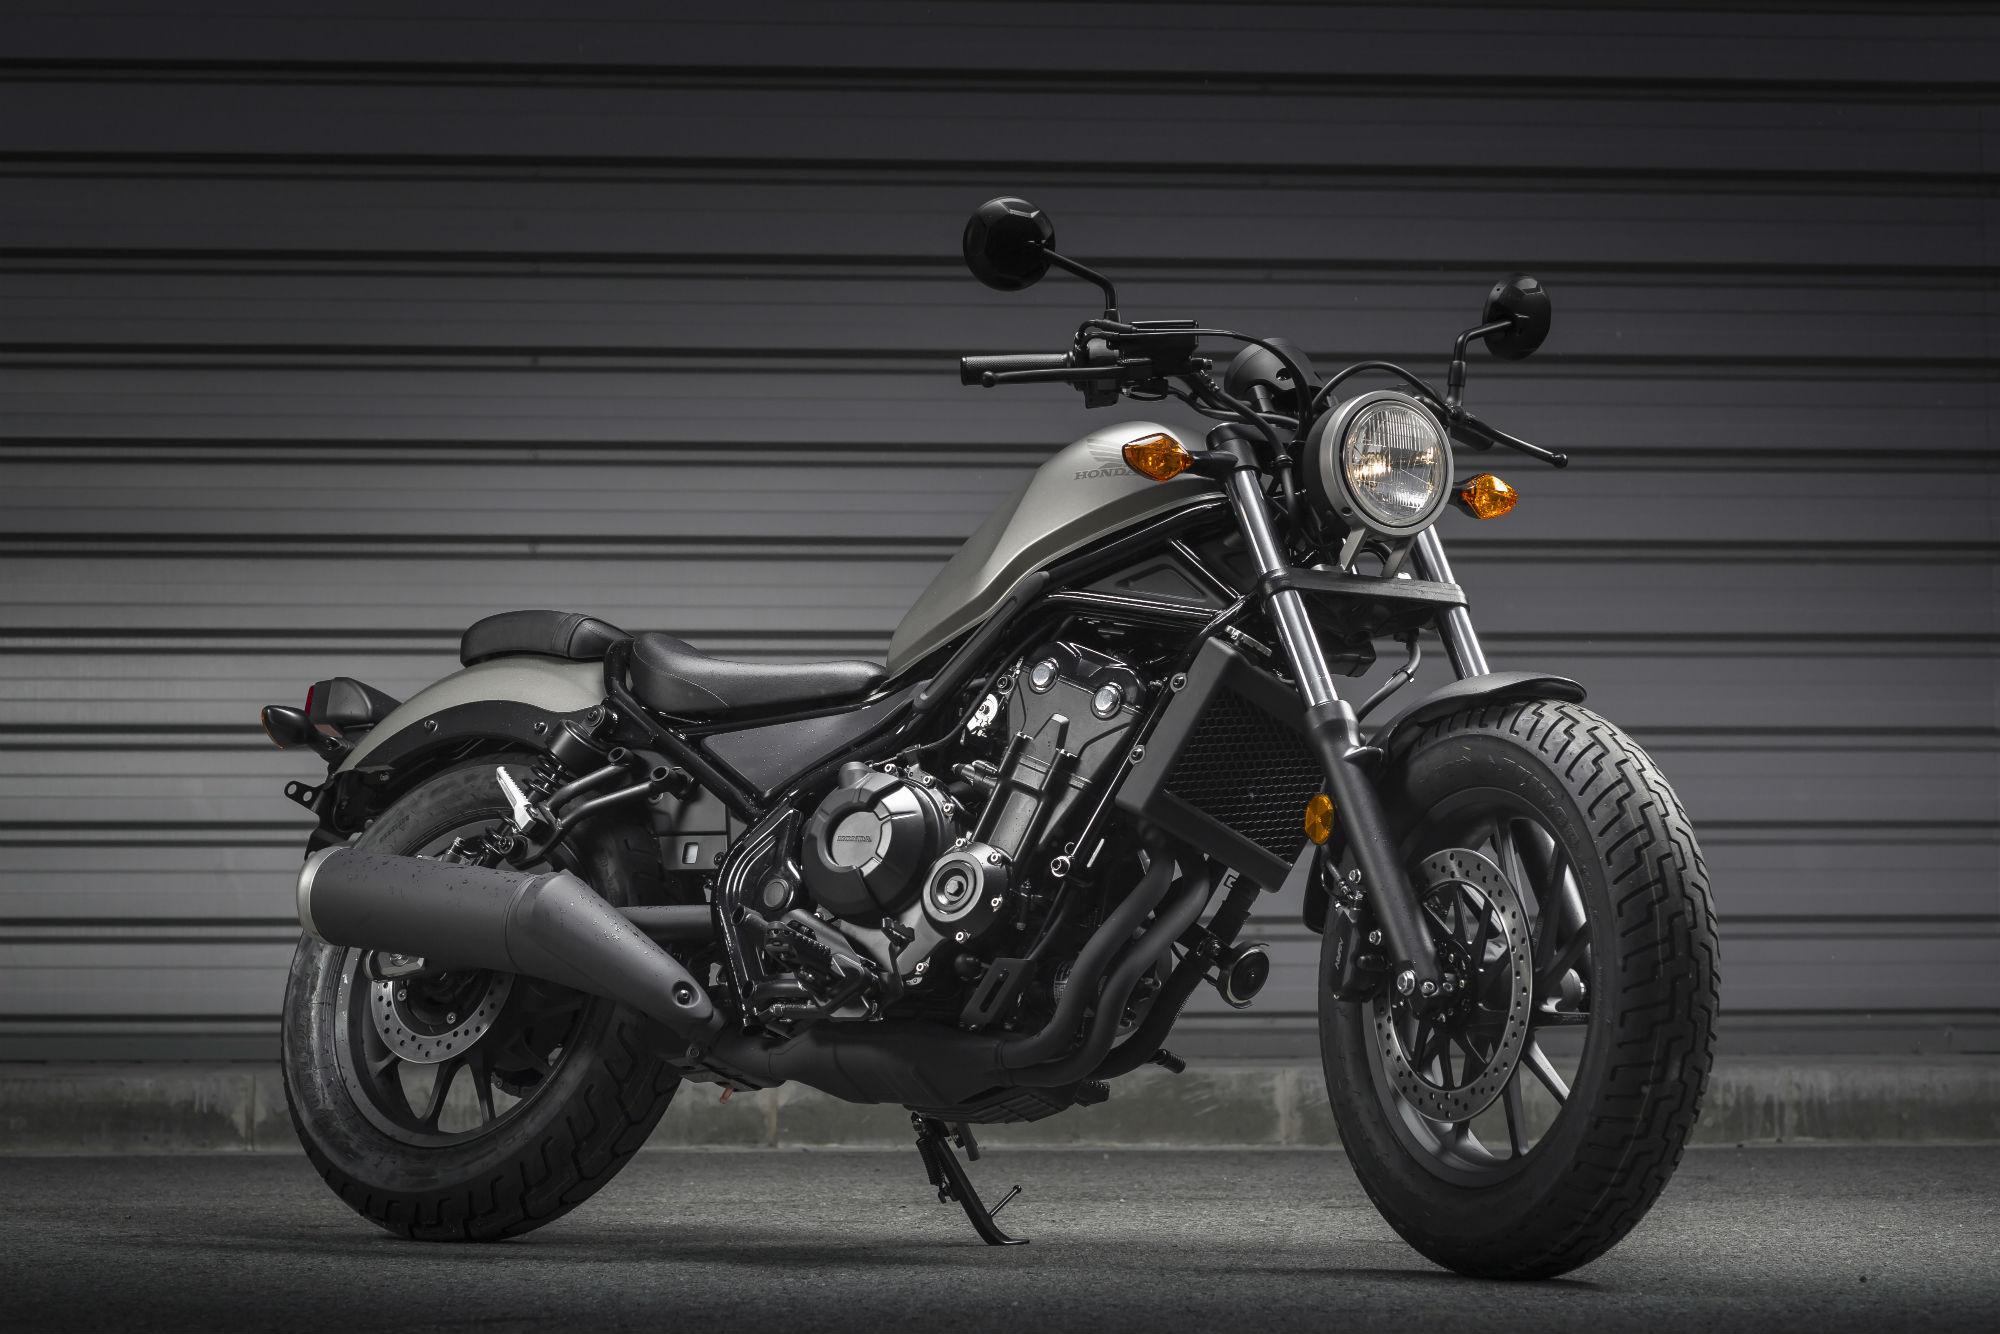 First ride: Honda CMX500 Rebel review